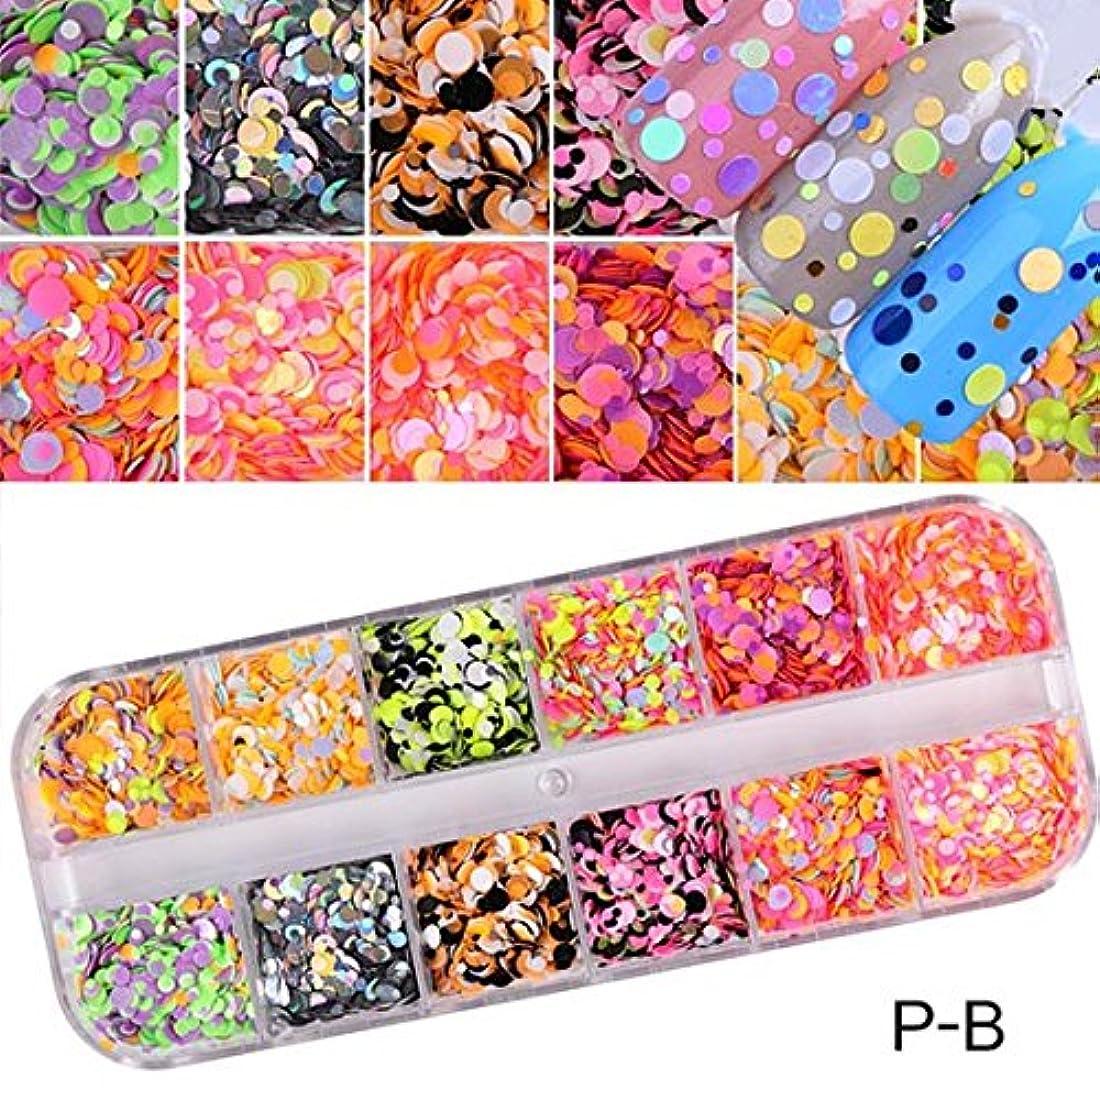 裁量レール完璧1 Set Dazzling Round Nail Glitter Sequins Dust Mixed 12 Grids 1/2/3mm DIY Charm Polish Flakes Decorations Manicure...